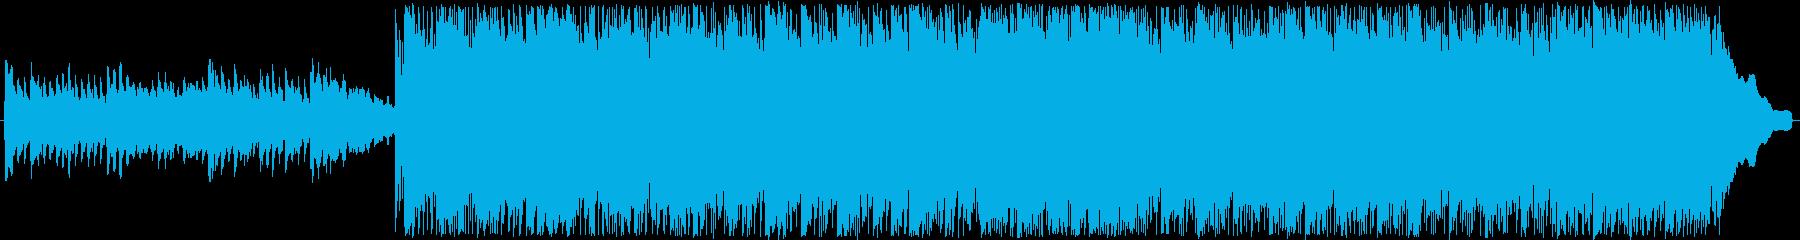 ロック調のバトル曲の再生済みの波形